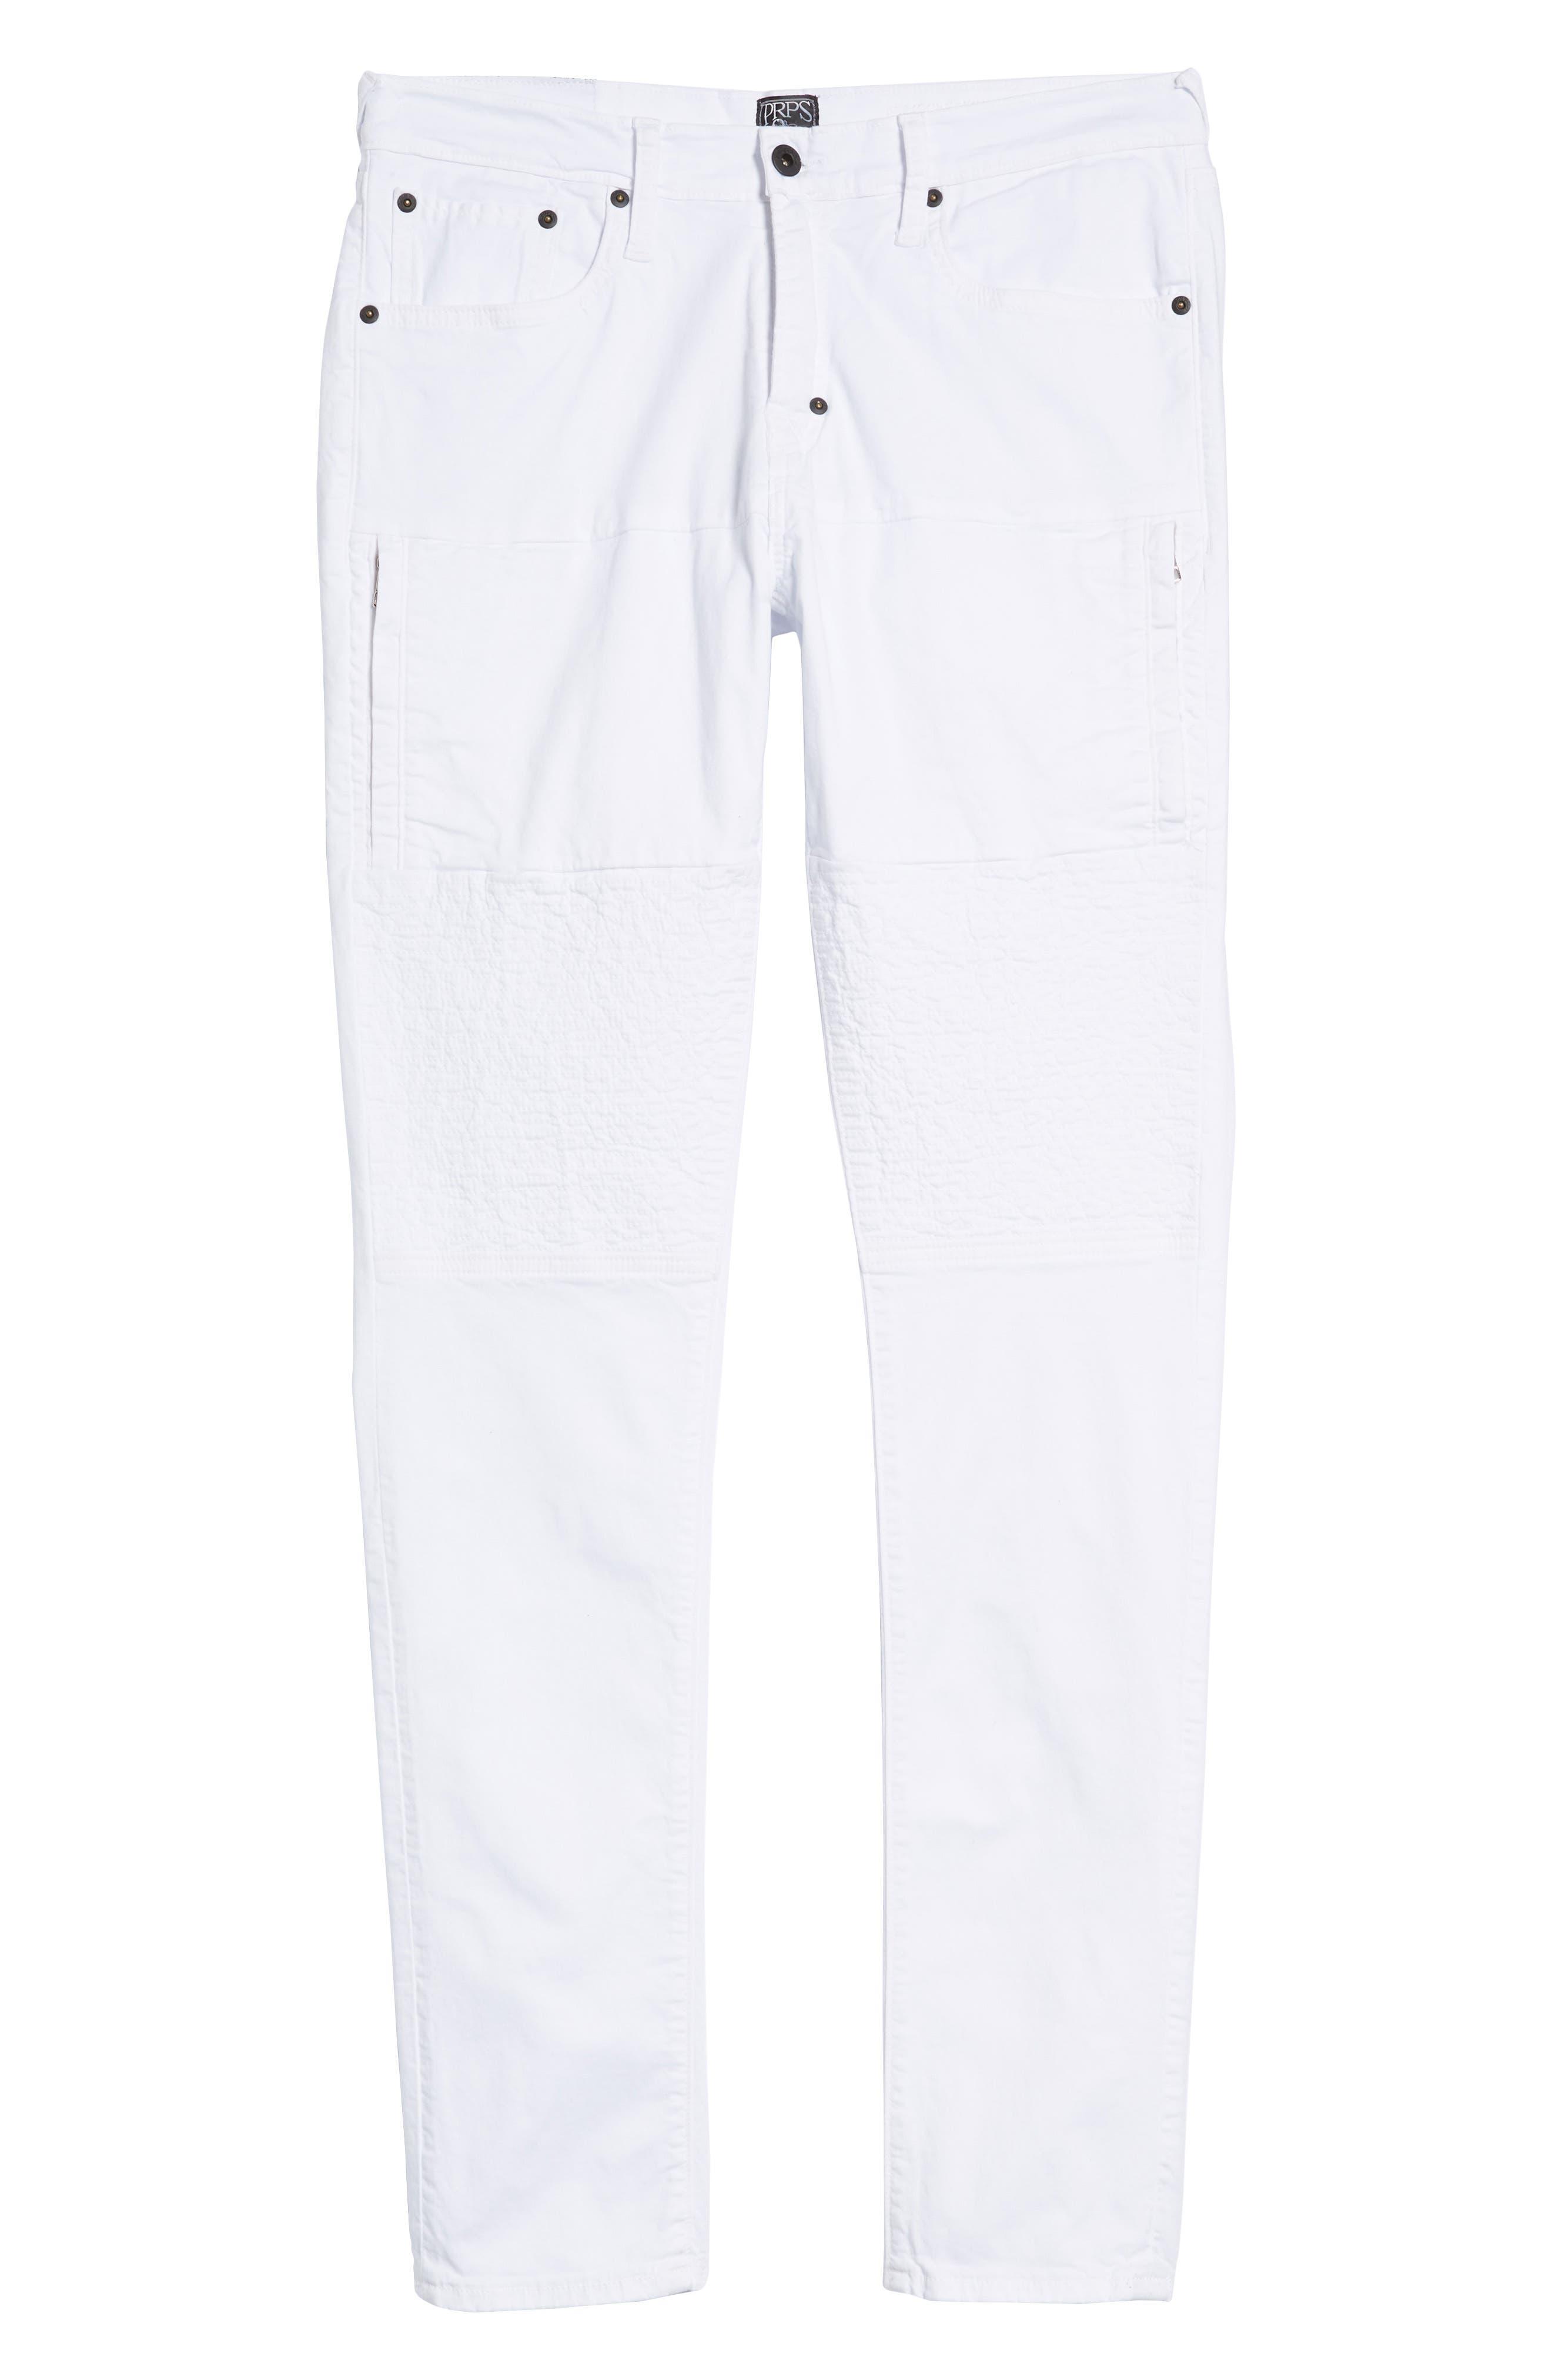 Windsor Slim Fit Jeans,                             Alternate thumbnail 6, color,                             SKELETON